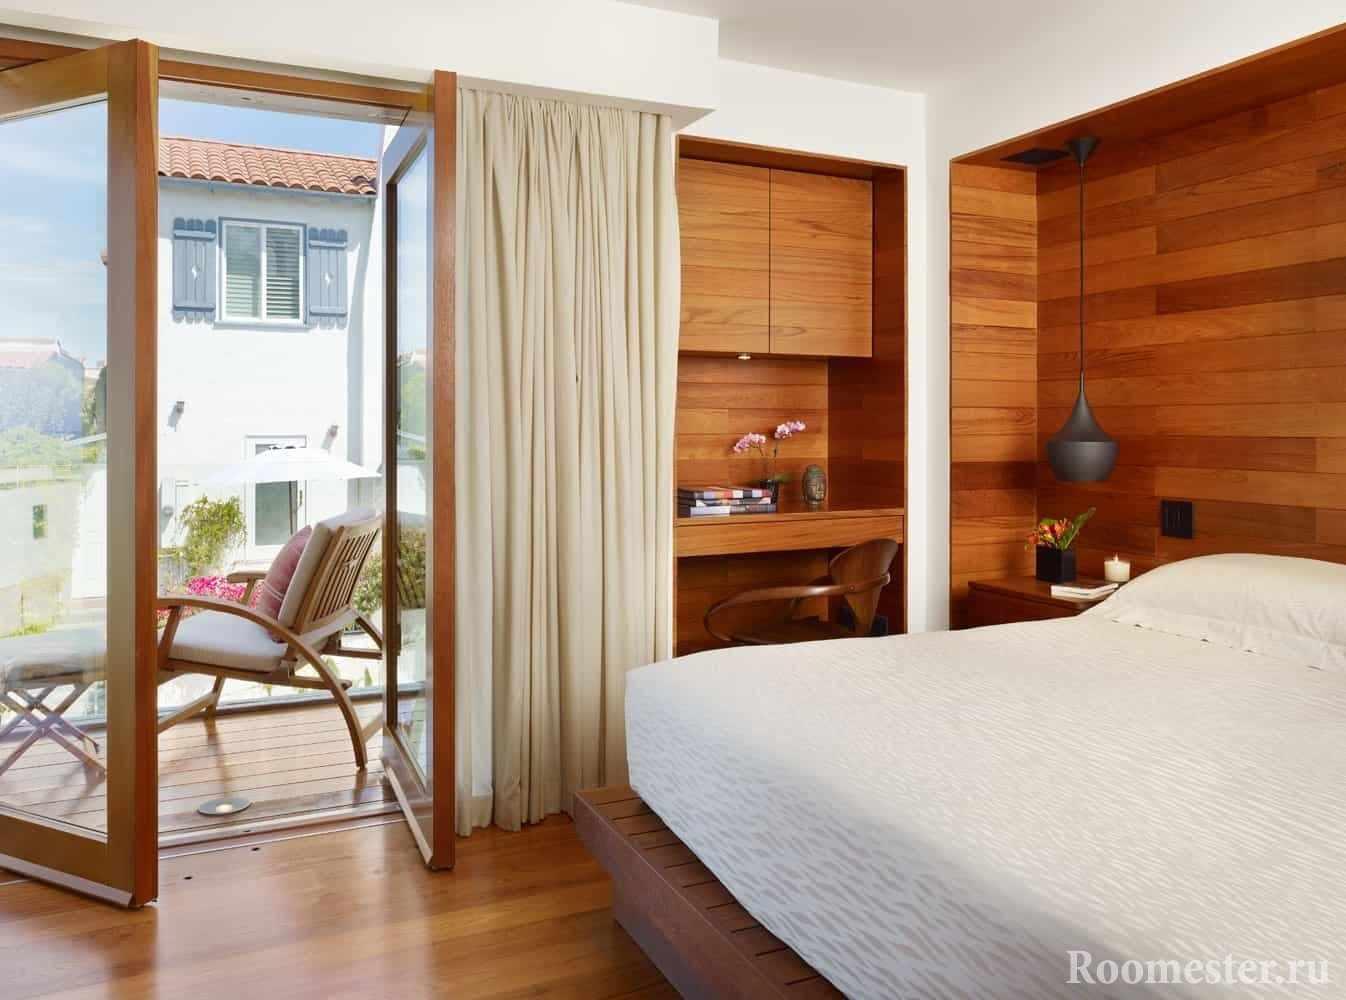 Небольшая спальная комната с отделкой стены деревом